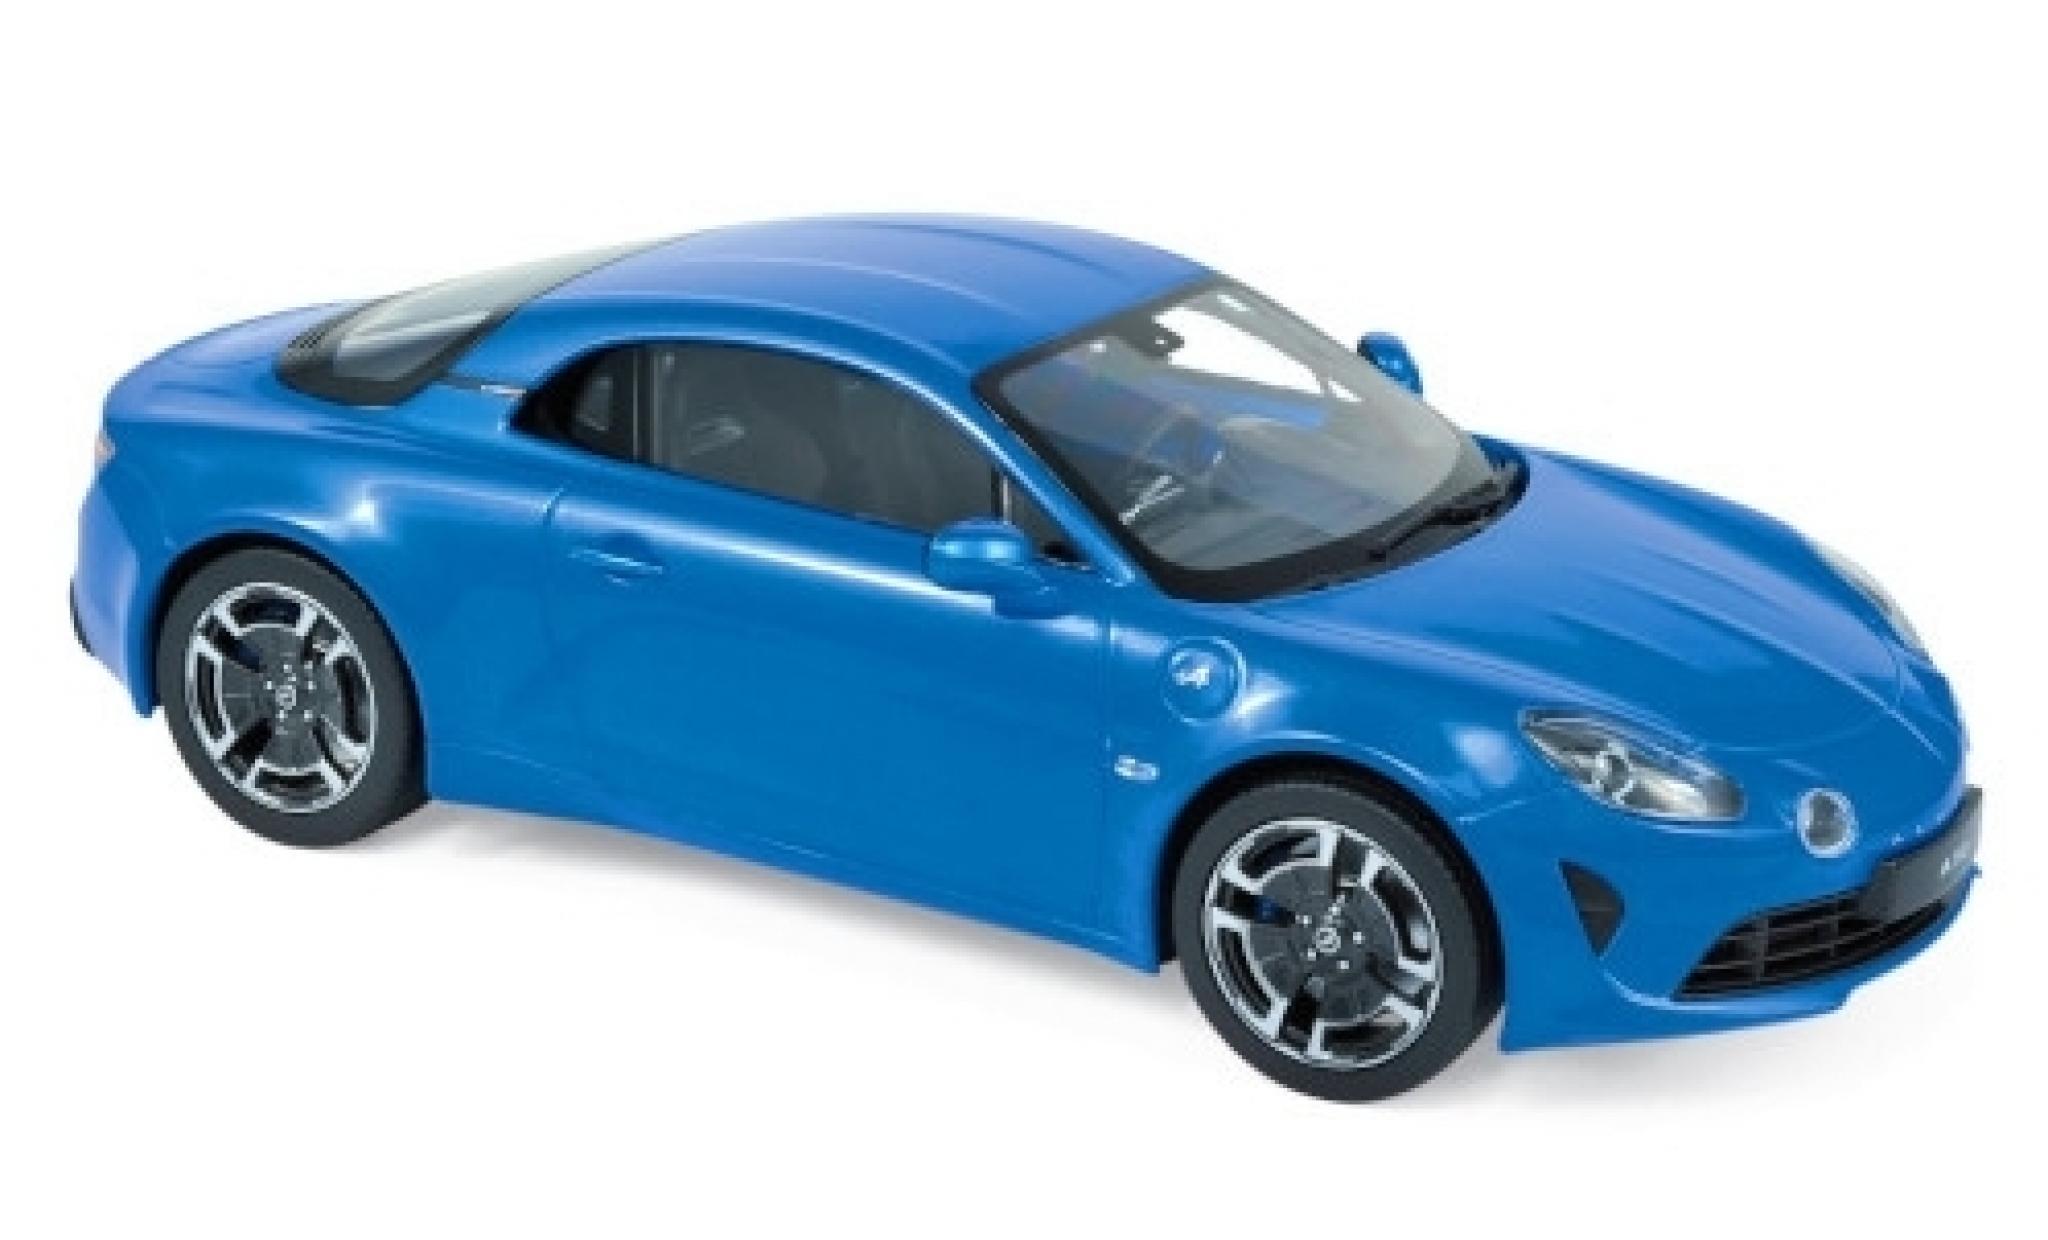 Alpine A110 1/18 Norev Renault Legende metallise blue 2018